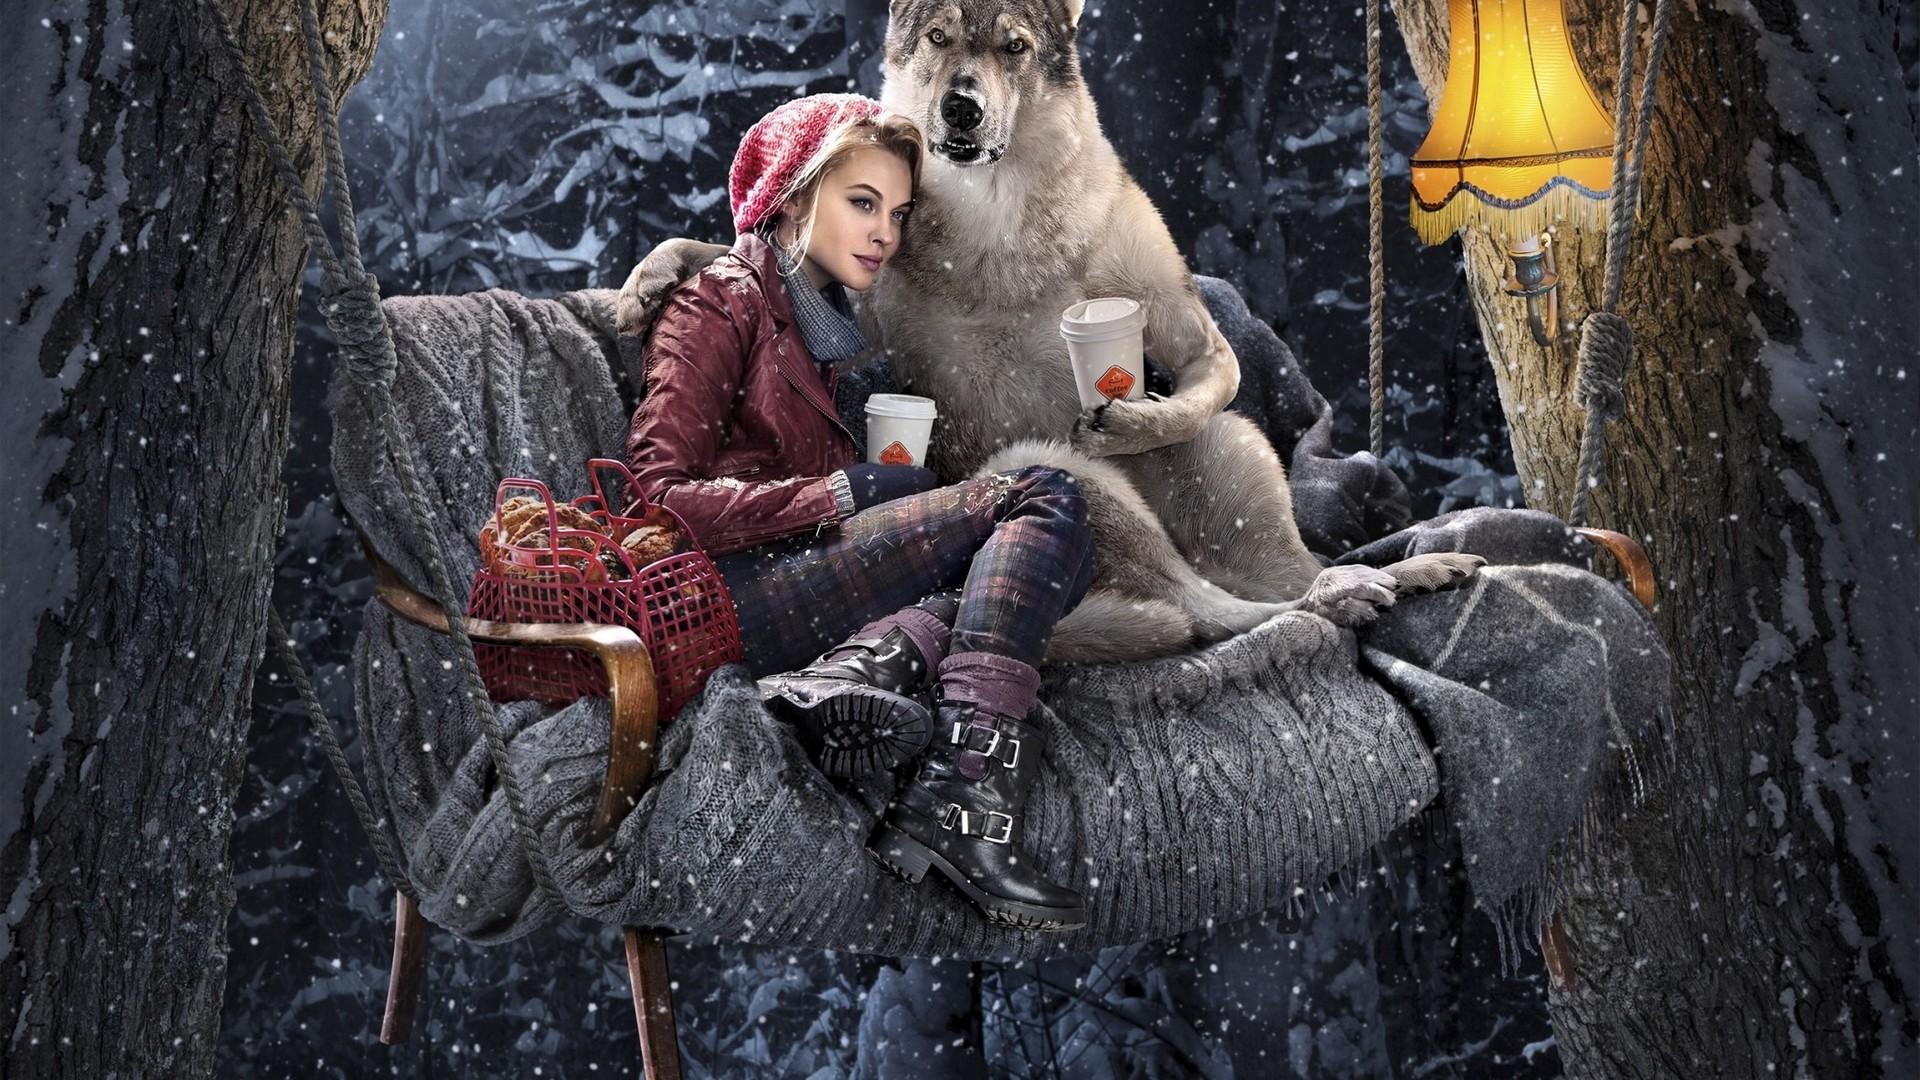 Fantasy – Red Riding Hood Wallpaper